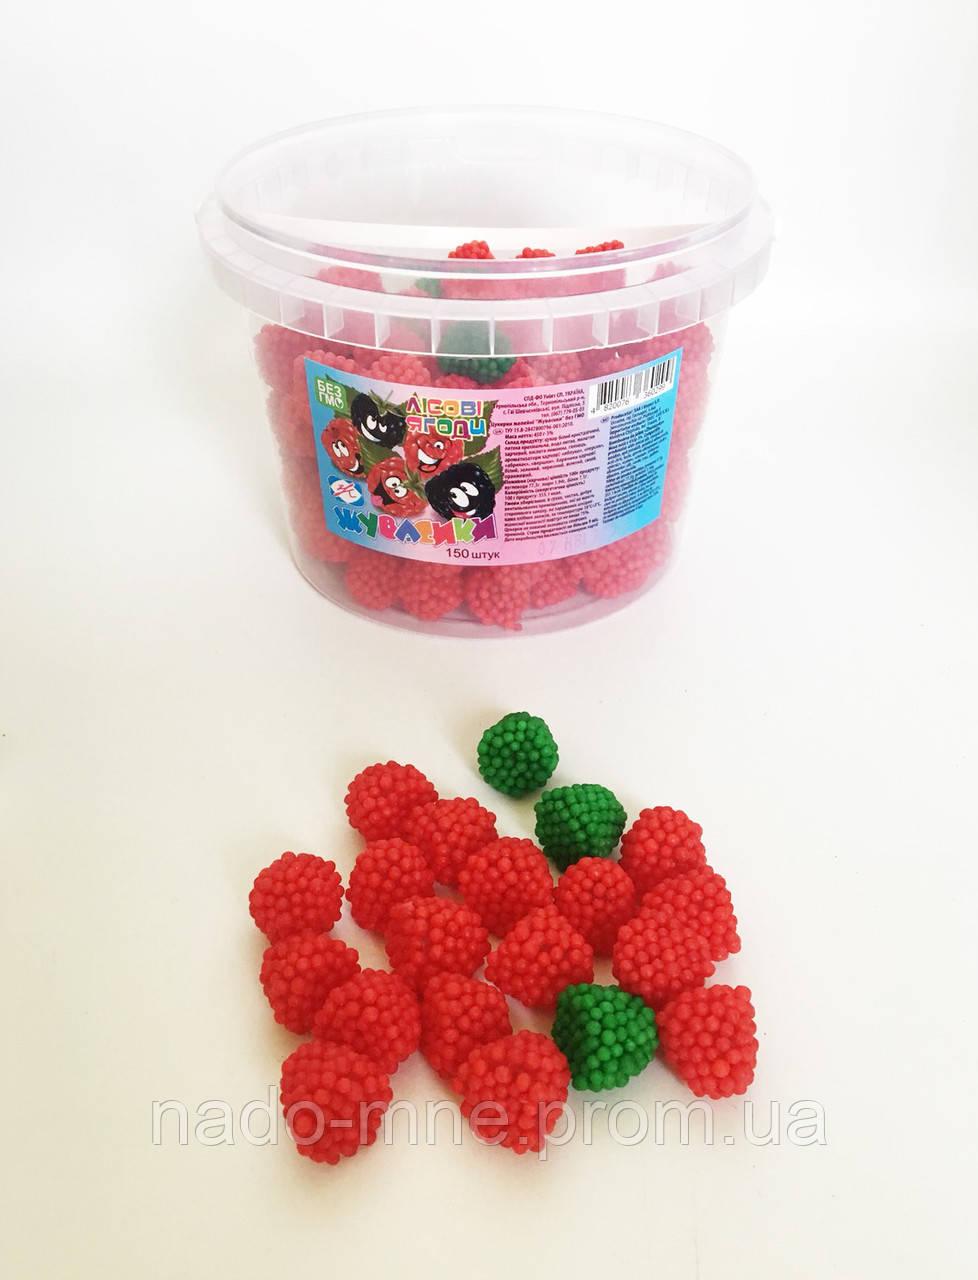 Жевательные конфеты Лесные ягоды, 600 г.